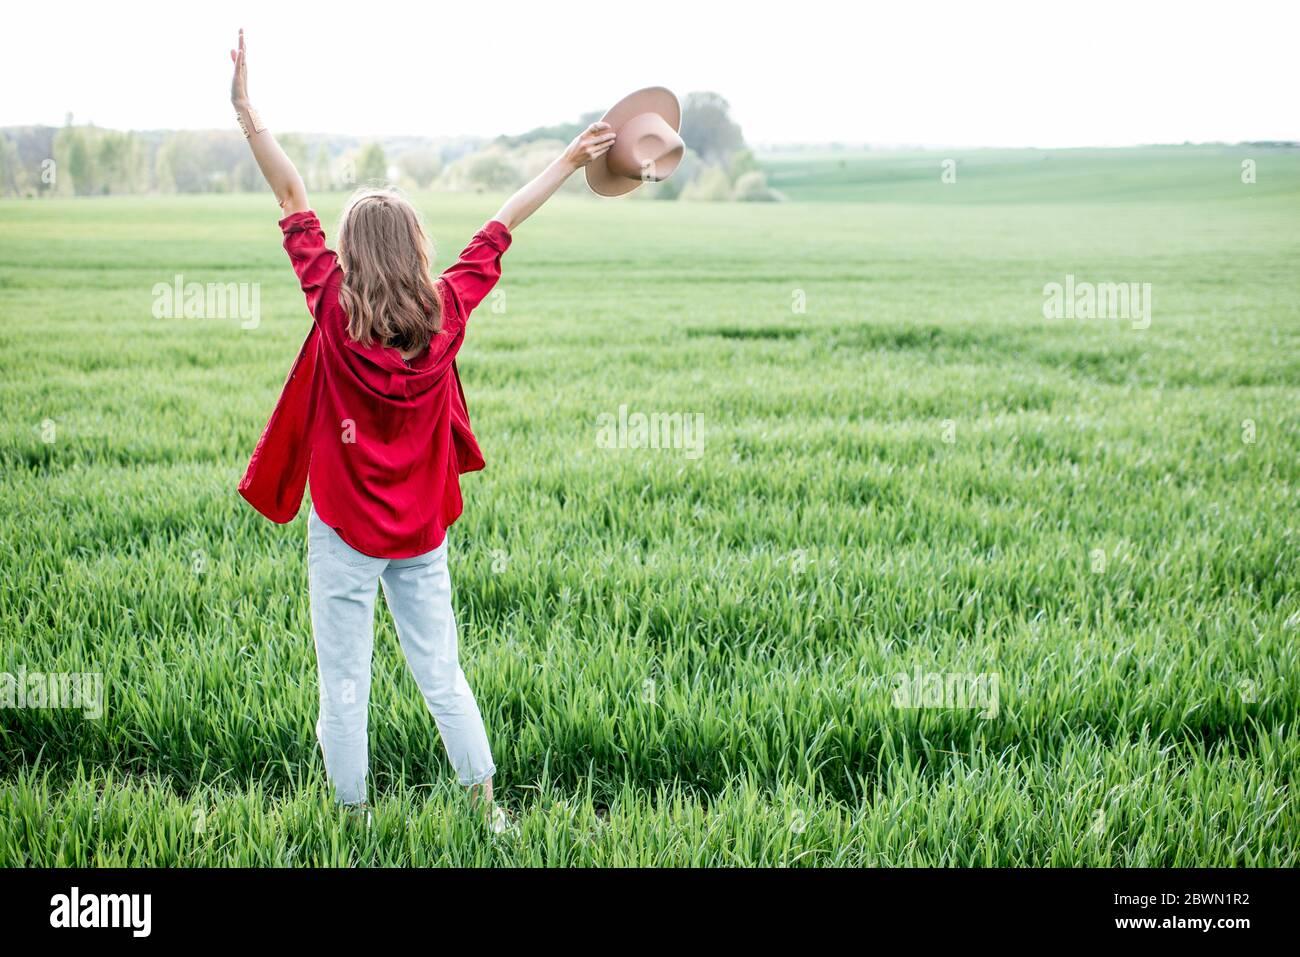 Mujer elegante disfrutando de la primavera y la naturaleza en el campo verde, vista trasera. Concepto de un estilo de vida sin preocupaciones y libertad Foto de stock